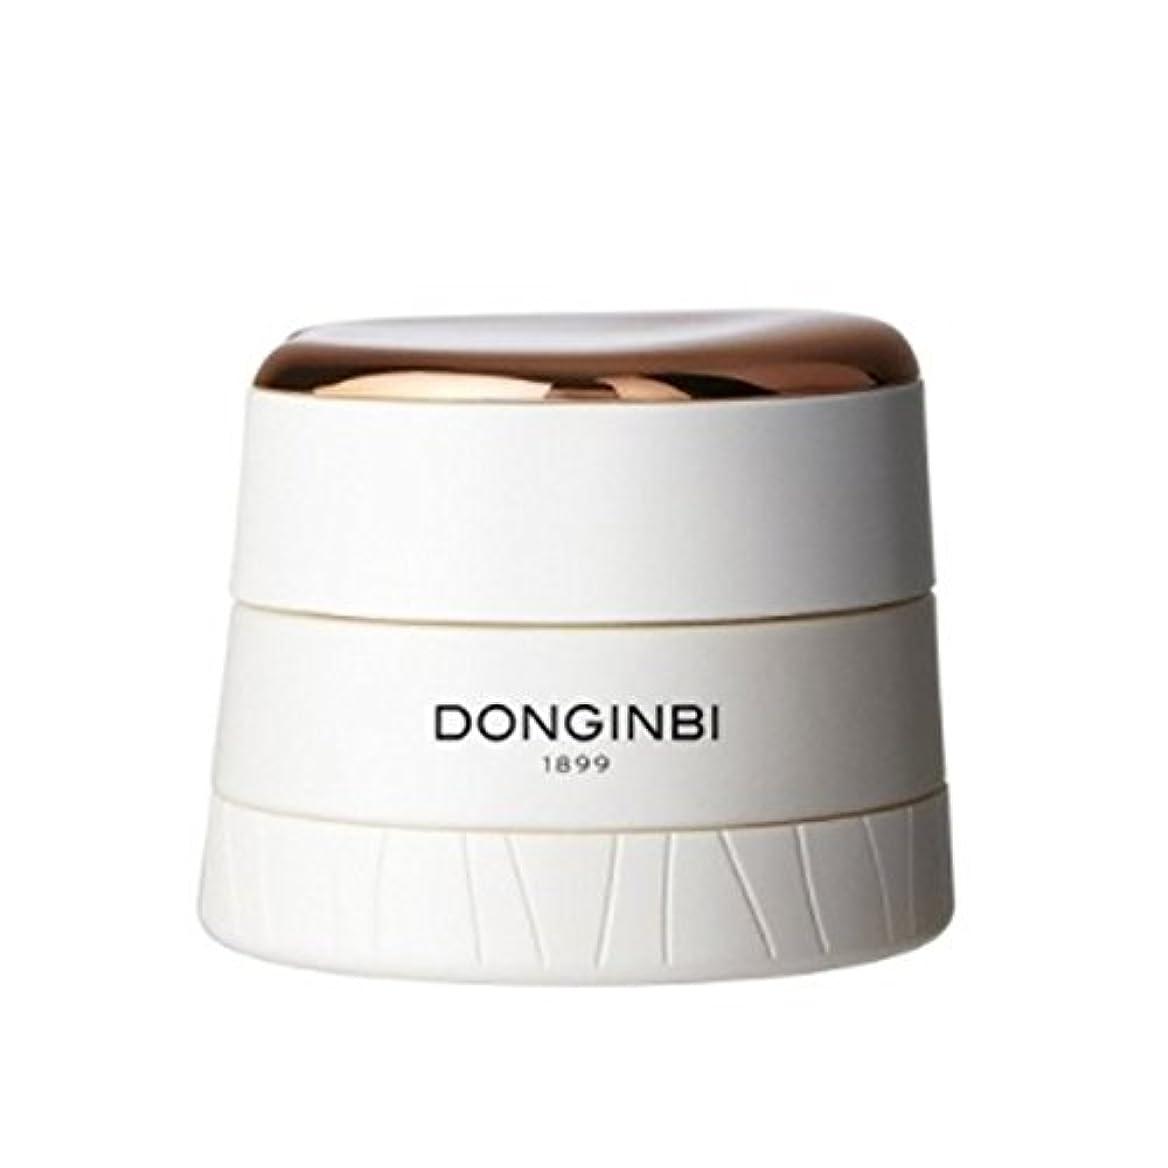 前投薬寺院厳[ドンインビ]DONGINBI ドンインビユン クリーム60ml 海外直送品 cream 60ml [並行輸入品]